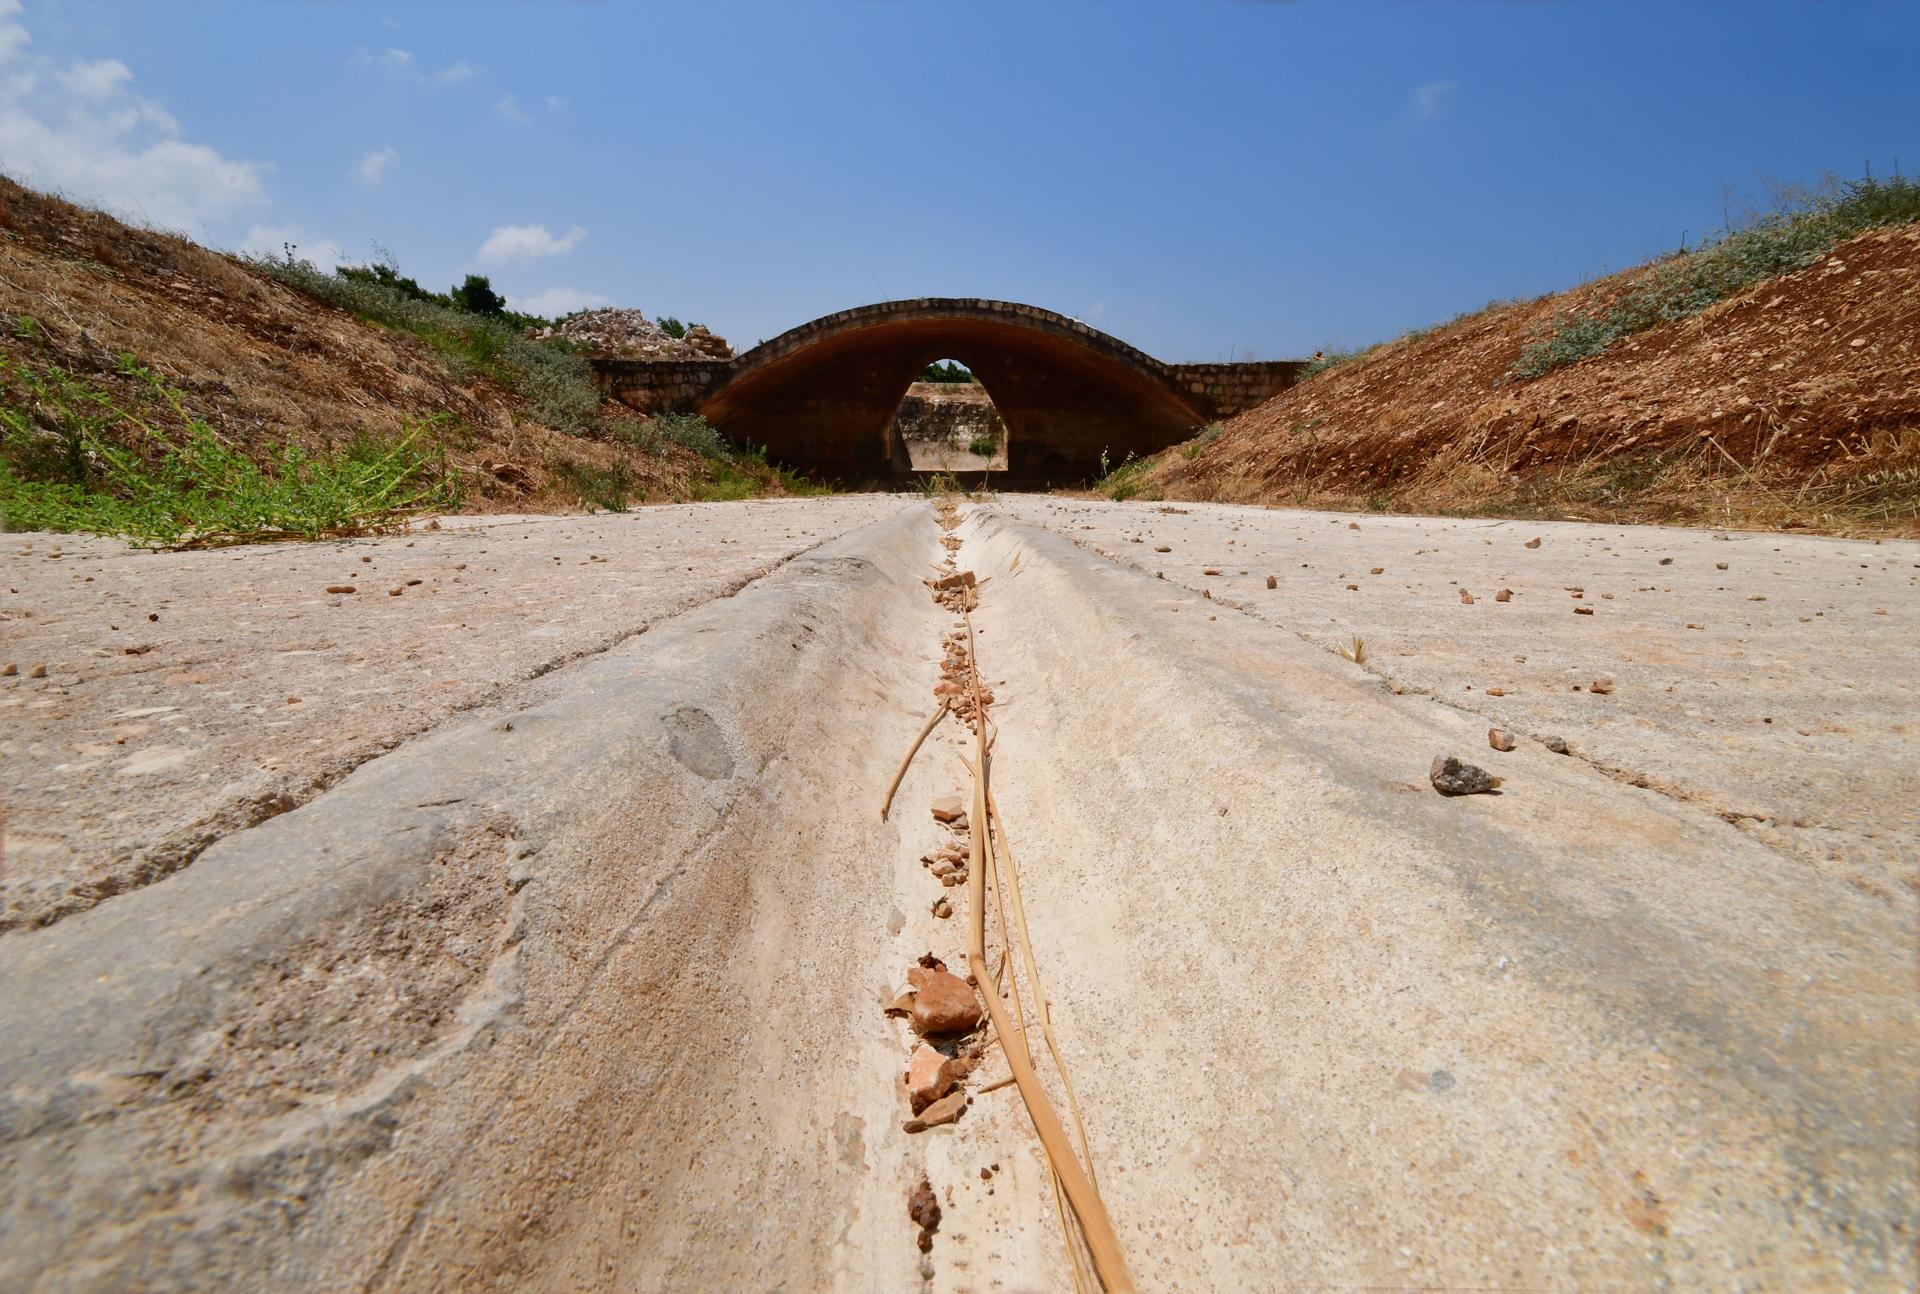 המראות ונחיתות - מנחת בצת - מסלול נחיתה- יואל שתרוג - אדמה יוצרת - yoel sitruk